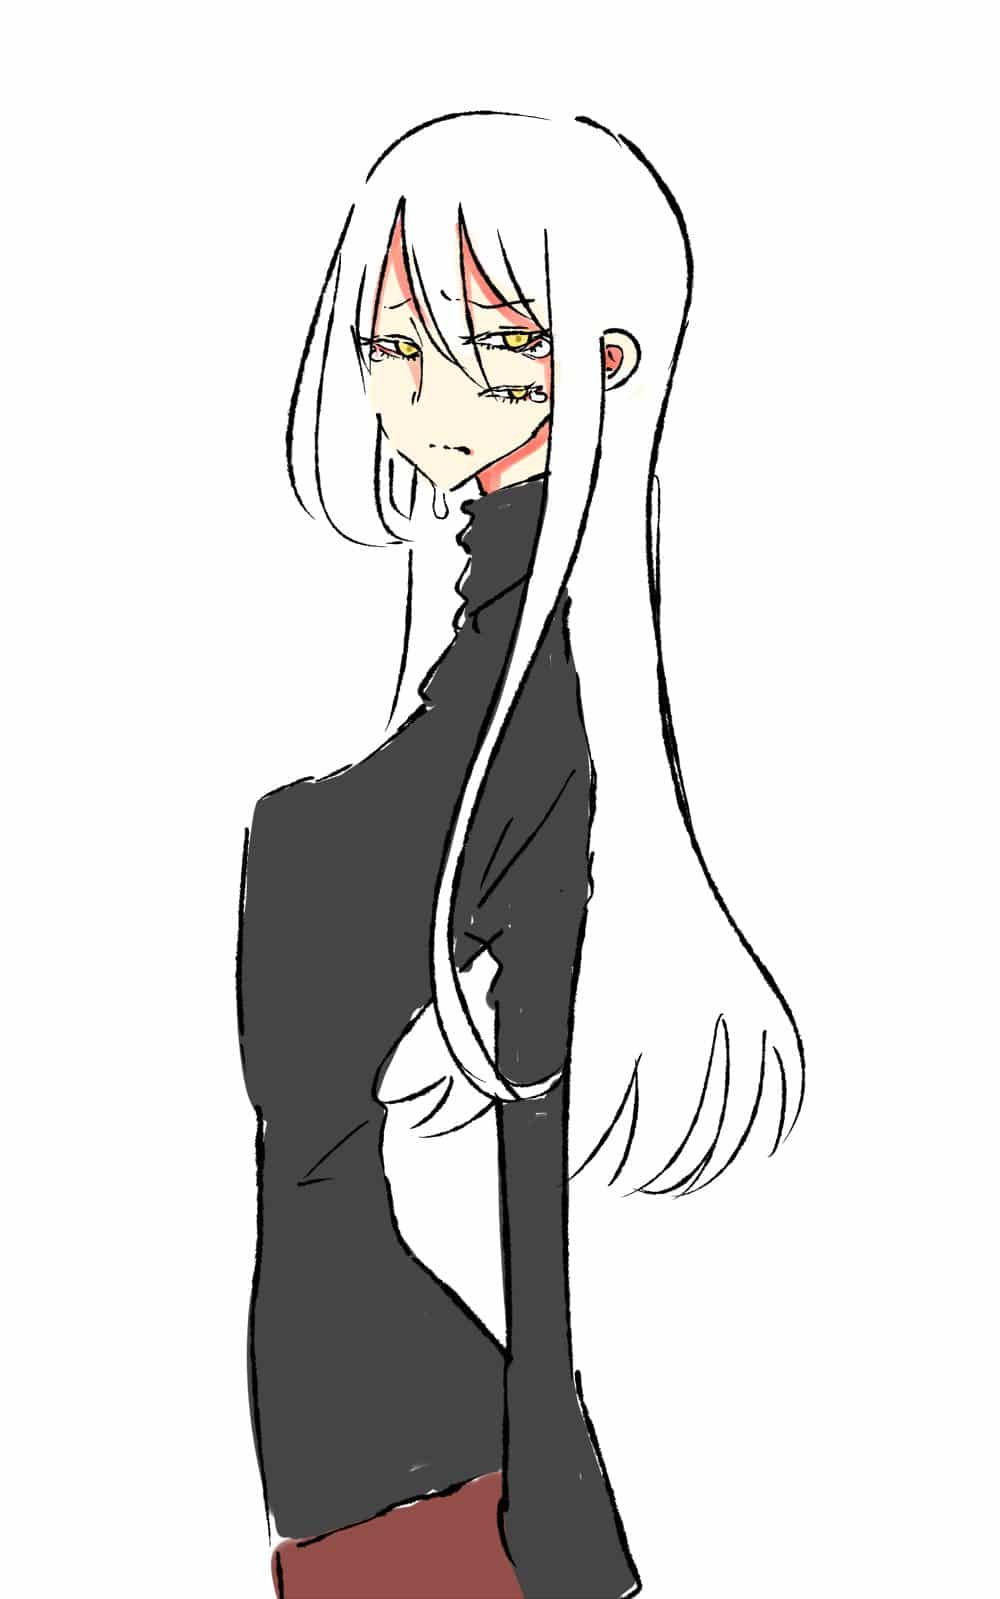 白髪のスリムな複眼女性